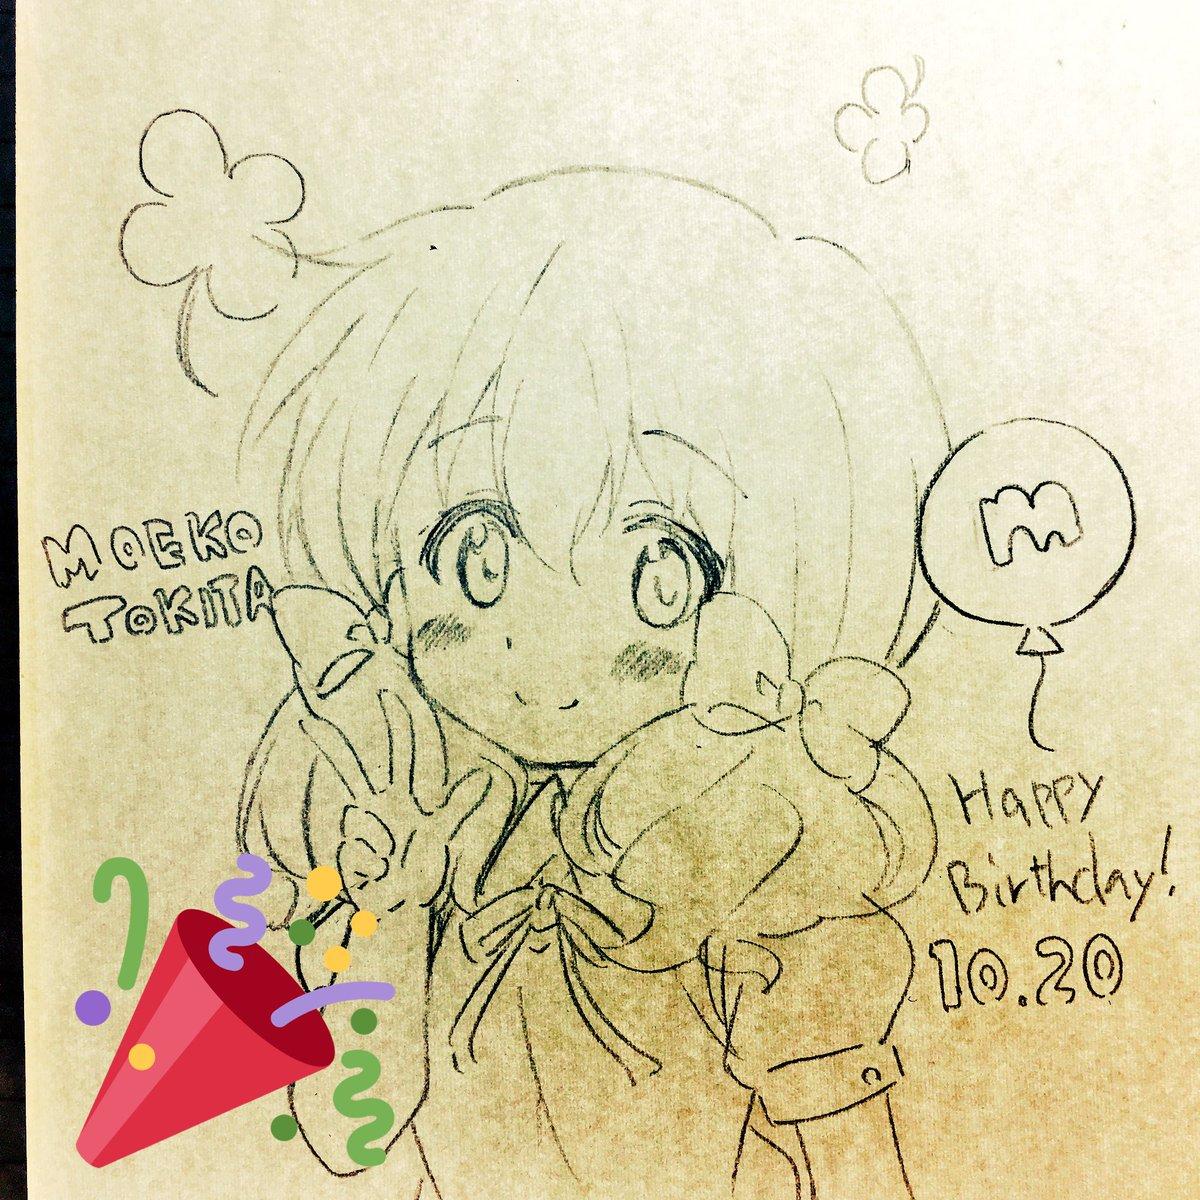 時田萌子ちゃんお誕生日おめでとう👏#わかば*ガール#時田萌子生誕祭